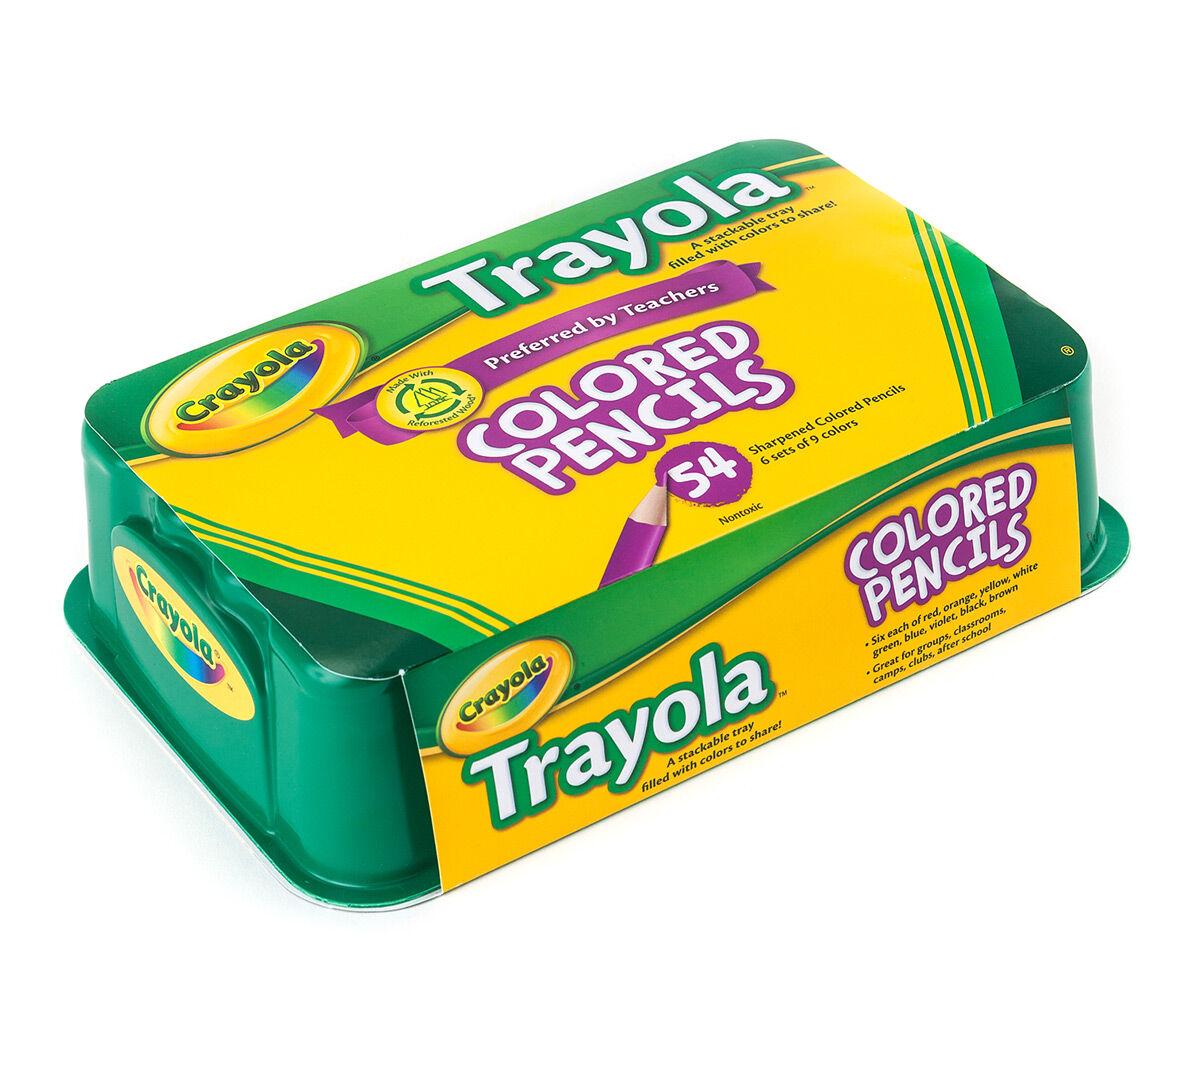 Crayola 54 Count Trayola Colored Pencils, 9 Colors - Crayola